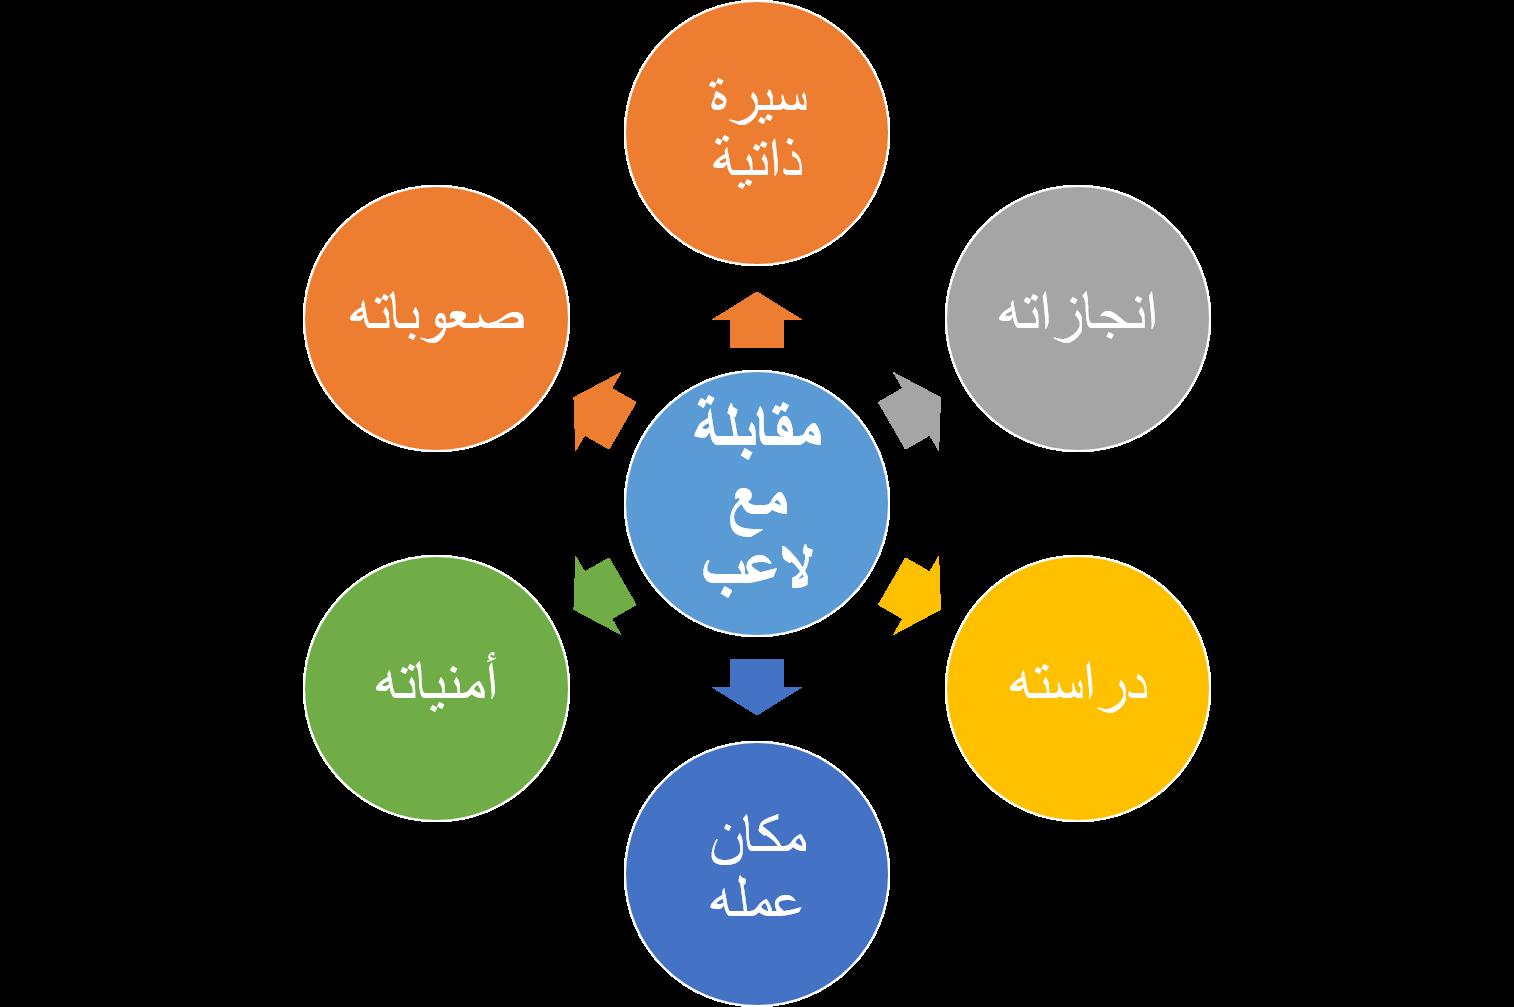 المقابلة by sheraz - Illustrated by معلمة شيراز مراعنة - Ourboox.com